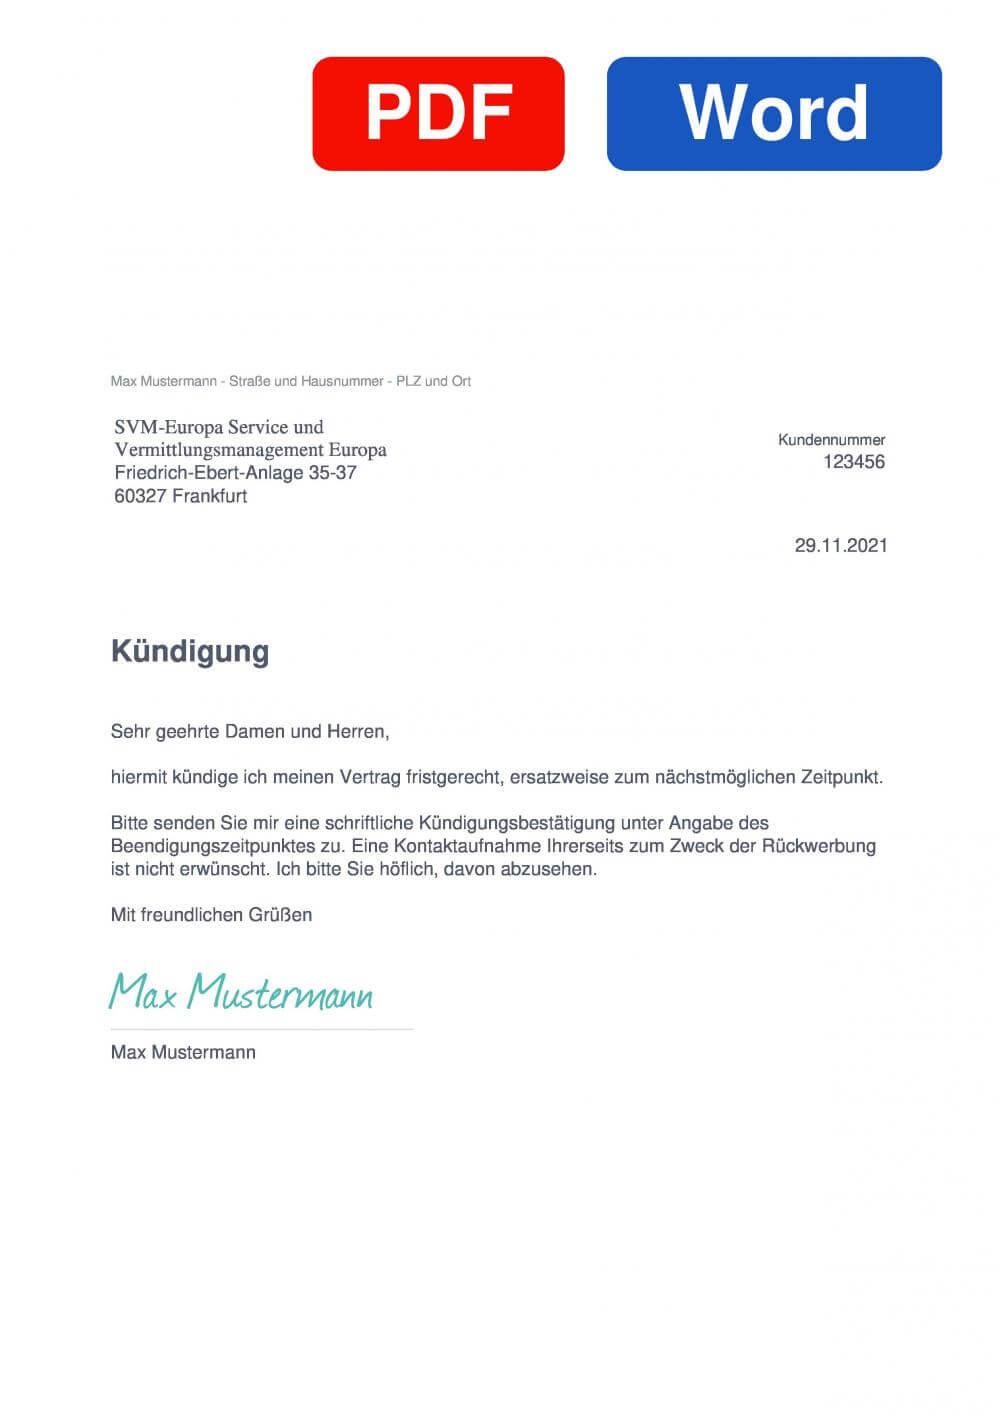 SVM-Europa Muster Vorlage für Kündigungsschreiben